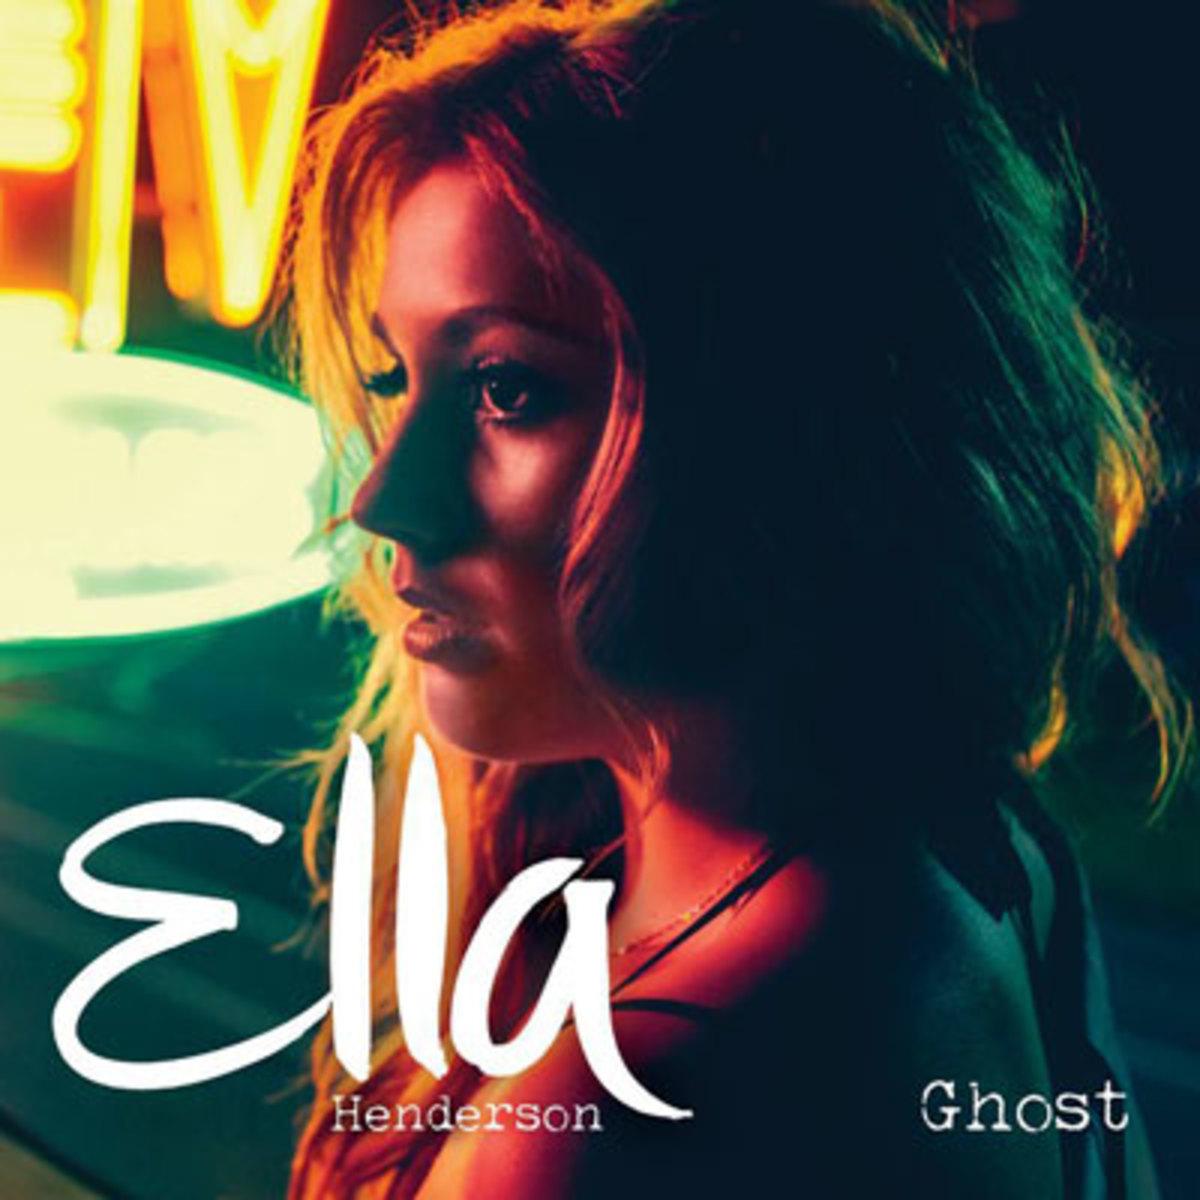 ellahenderson-ghost.jpg